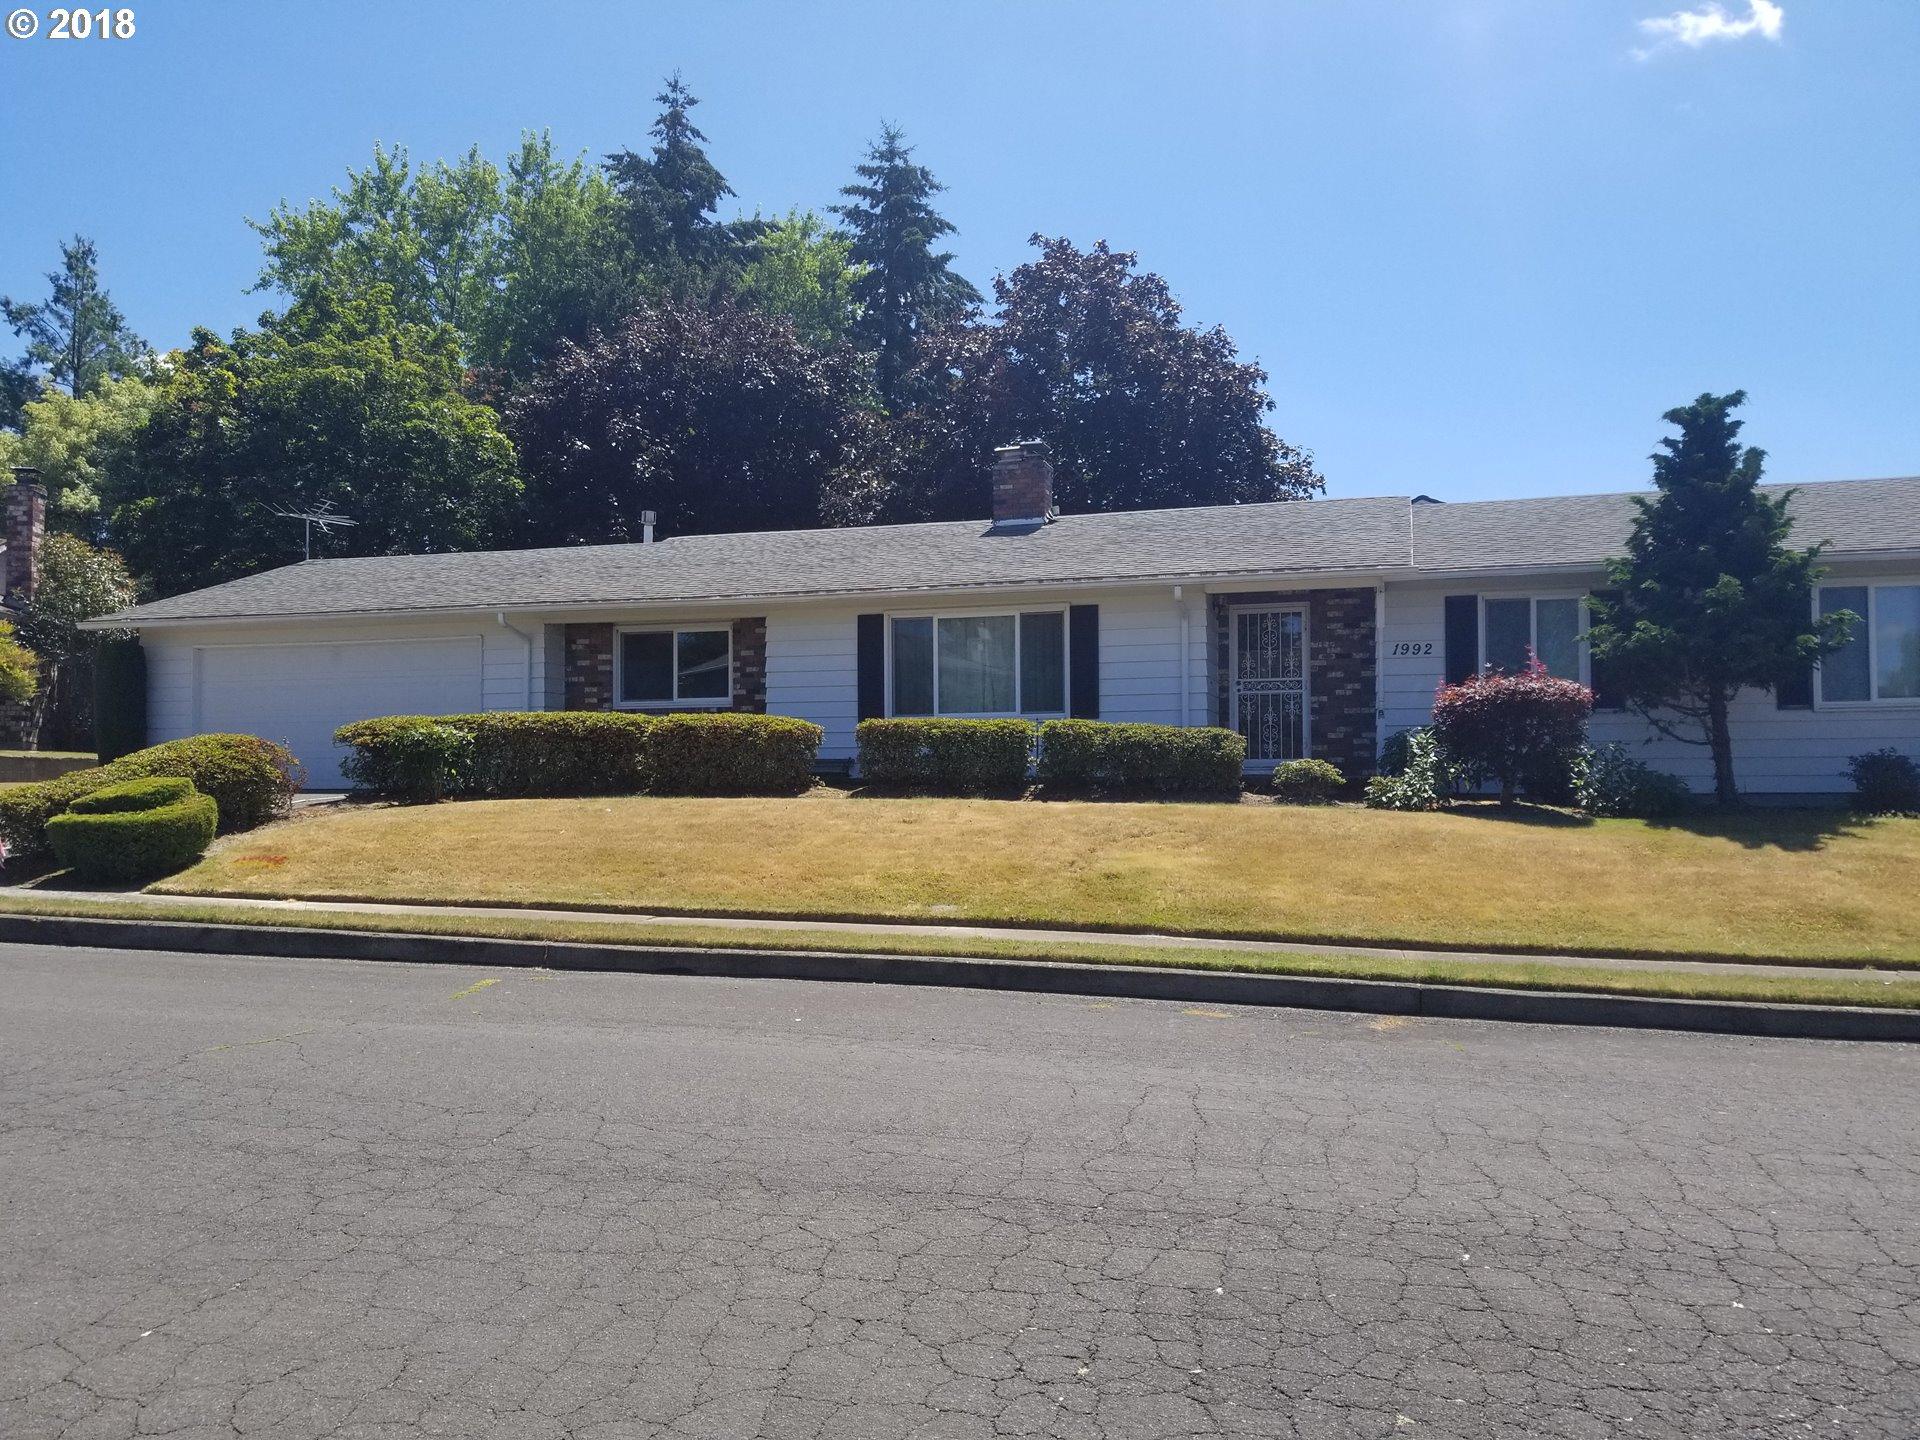 1992 SW 24TH CT Gresham, OR 97080 - MLS #: 18694318